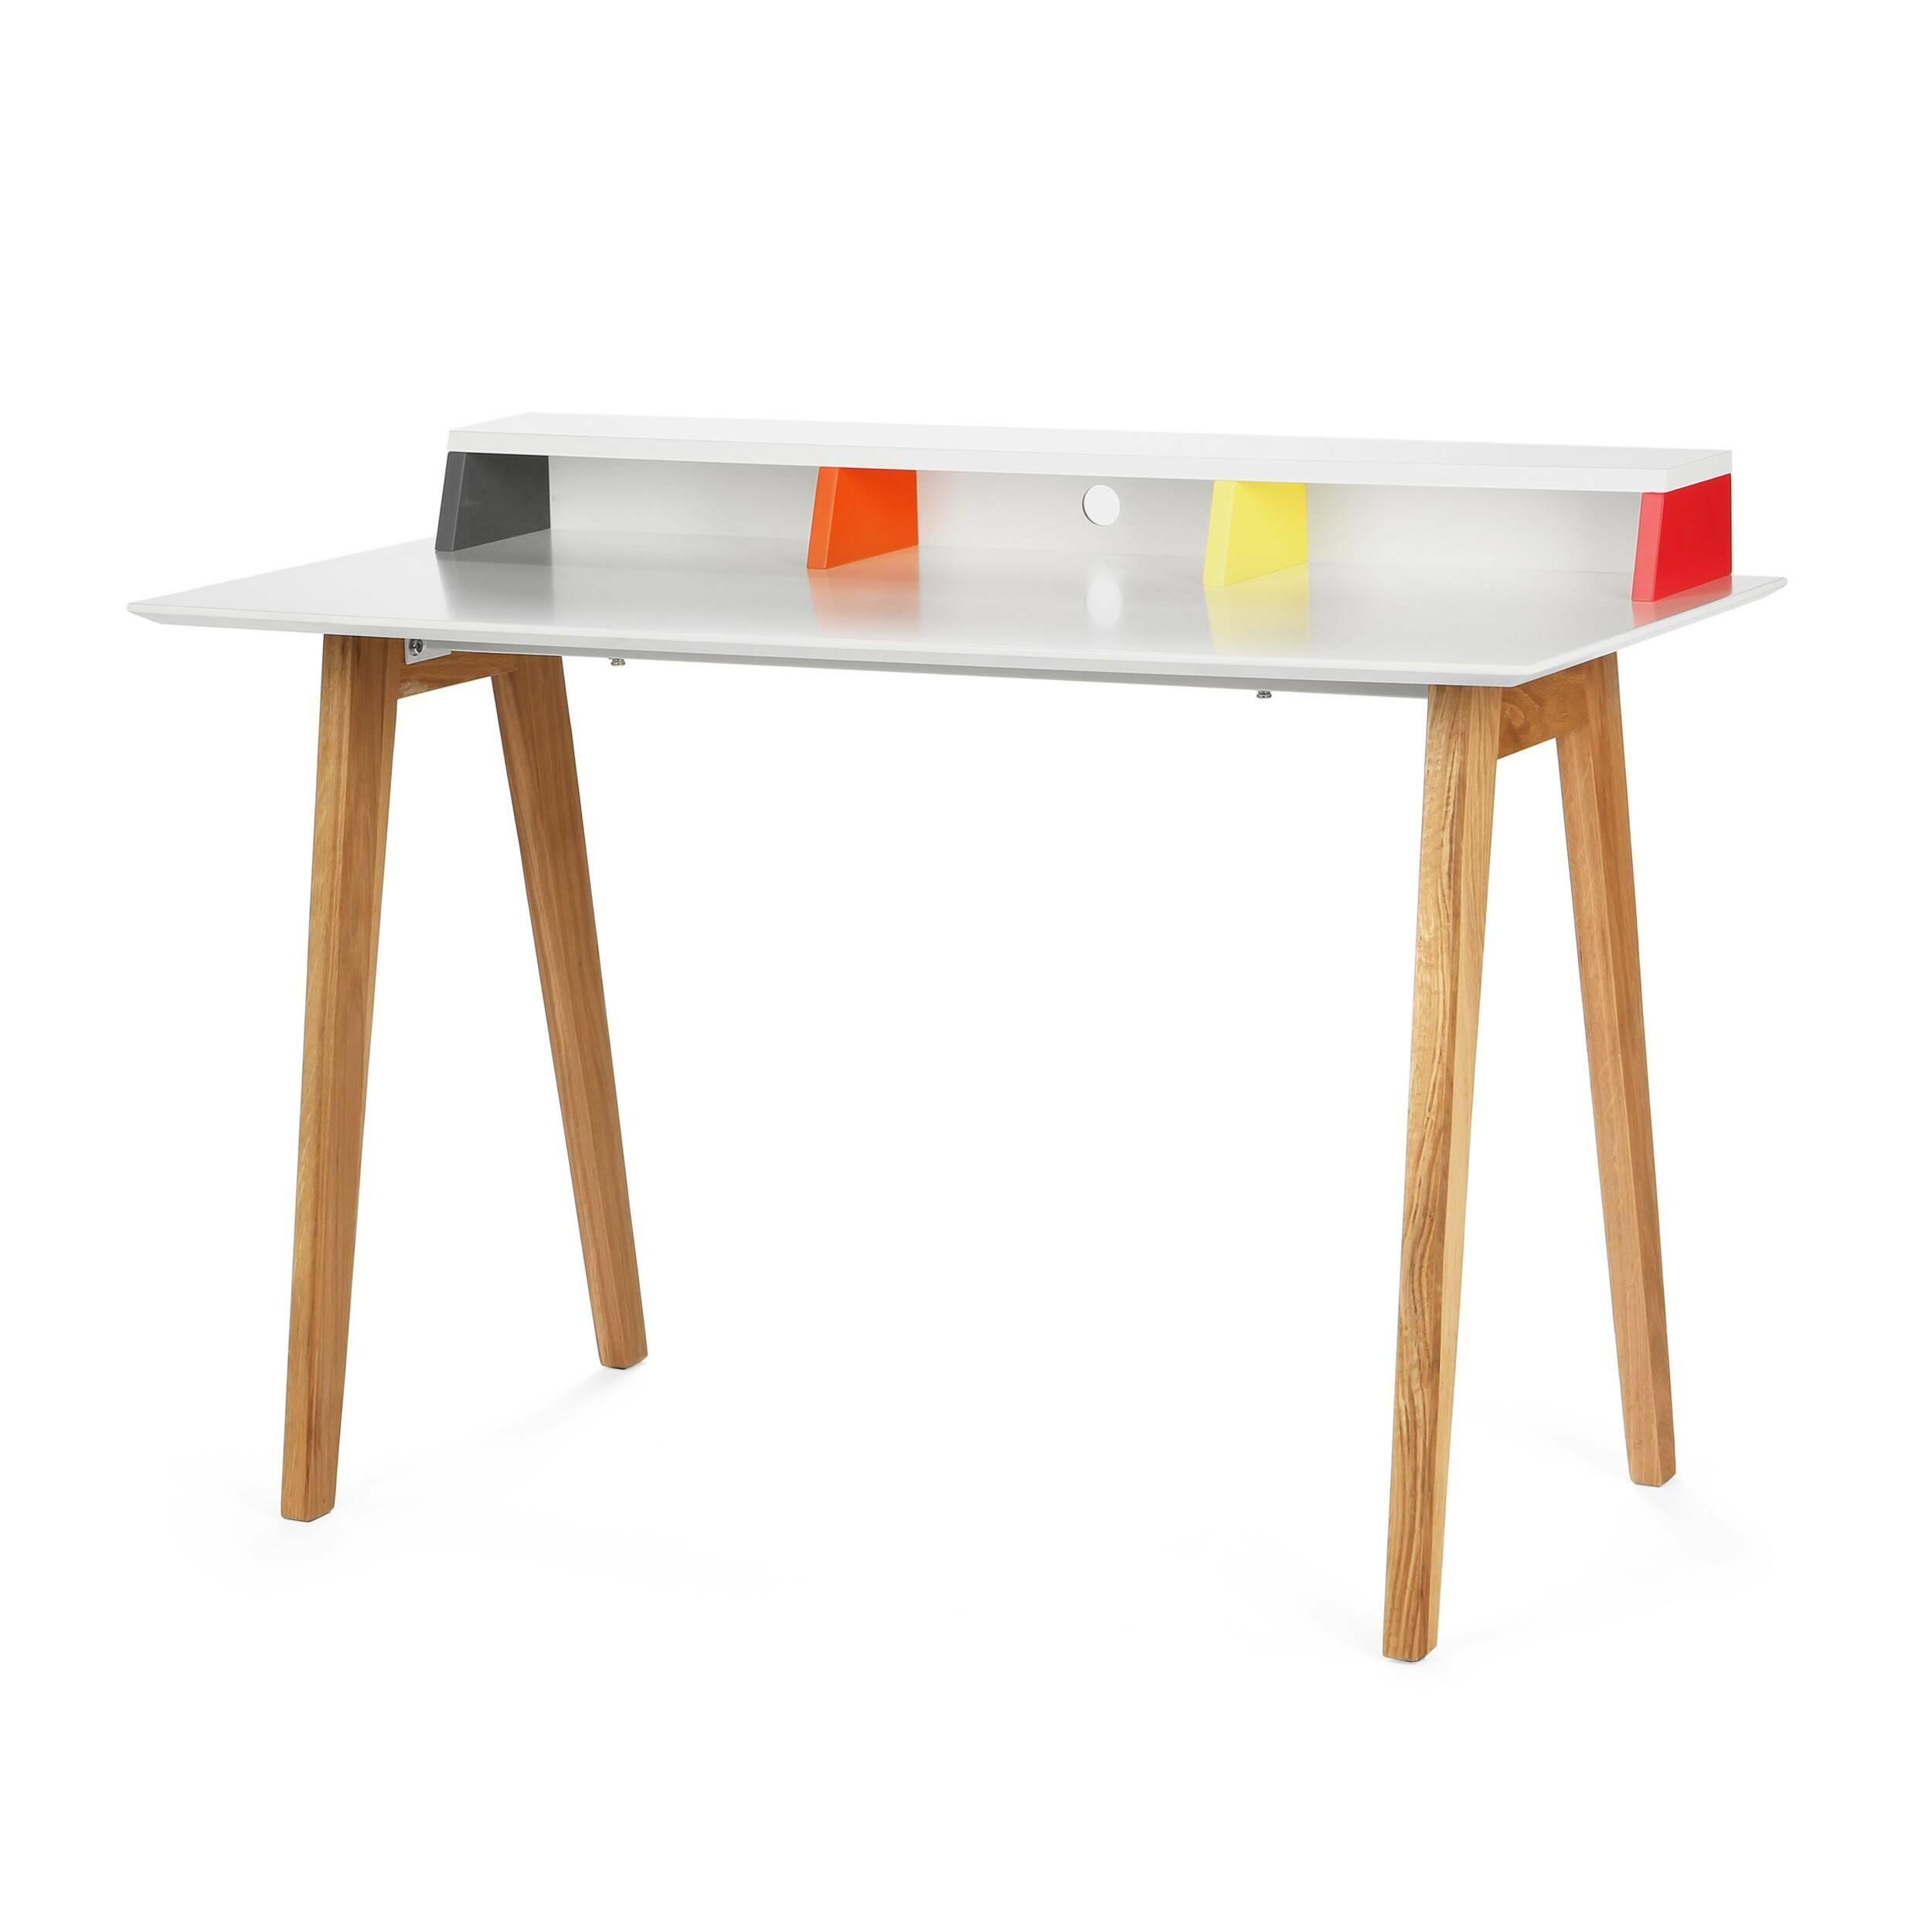 Письменный стол AstonРабочие столы<br>Дизайнерский письменный стол Aston (Эстон) со столешницей из МДФ на свтело-коричневых ножках от Cosmo (Космо).Скандинавский интерьер — практичный, в нем много света и свободного пространства. Мебель в светлых тонах как раз то, что является постоянной составляющей интерьеров в скандинавском стиле. Не менее важно, чтобы она изготавливалась из натуральных материалов. Как бы люди не увлекались созданием новых синтетических изделий, наиболее уютно им среди природы и натуральных материалов. Эйфория...<br><br>stock: 0<br>Высота: 76<br>Ширина: 60<br>Длина: 120<br>Цвет ножек: Светло-коричневый<br>Цвет столешницы: Белый<br>Материал ножек: Массив дуба<br>Тип материала столешницы: МДФ<br>Тип материала ножек: Дерево